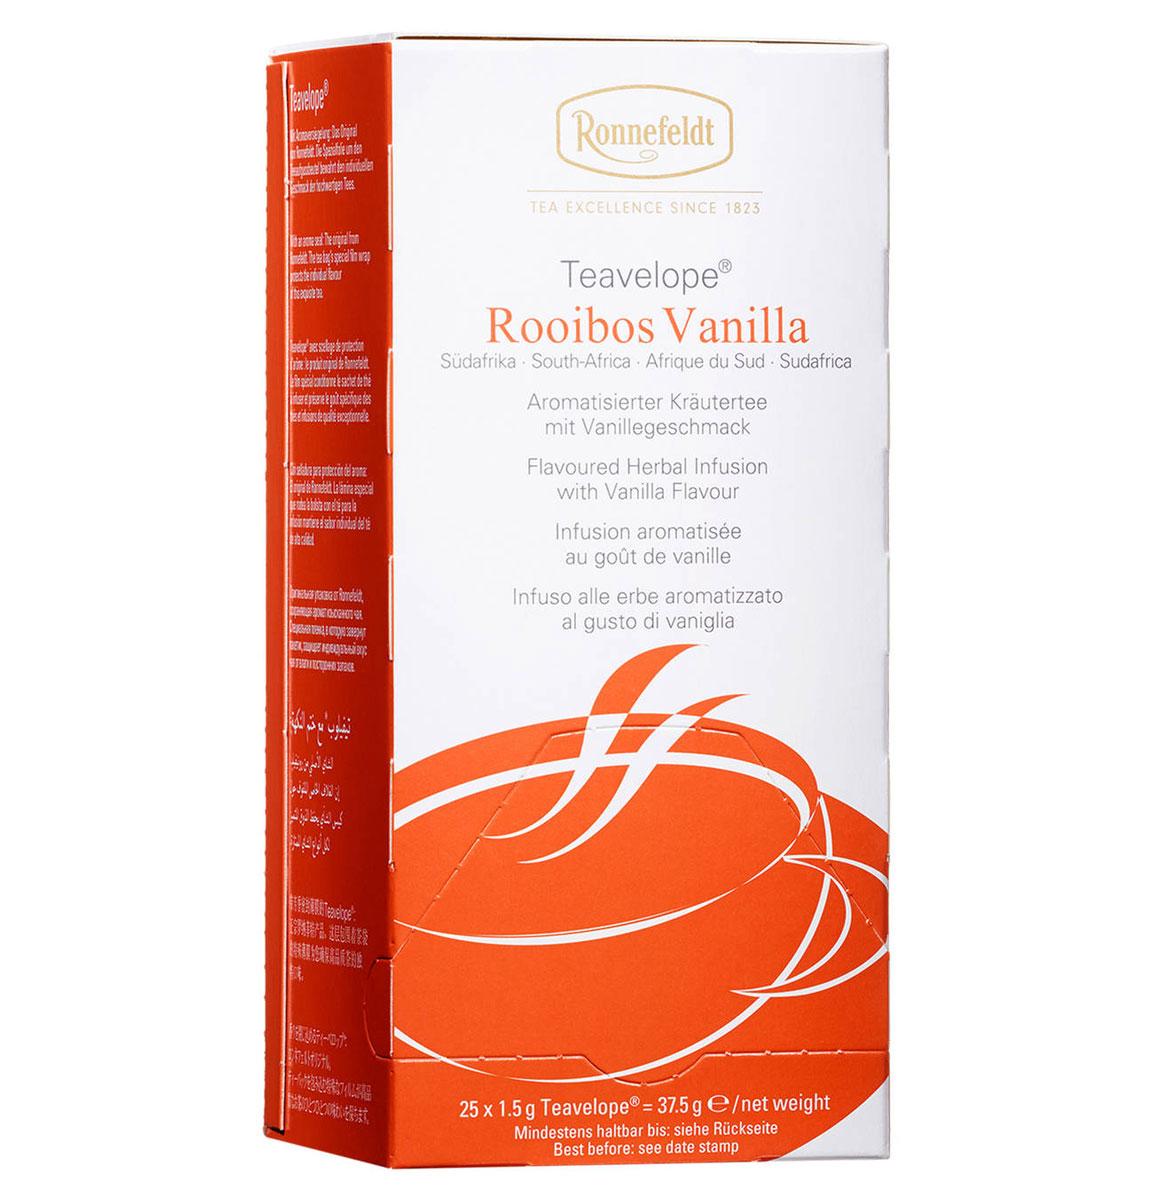 Ronnefeldt Ройбош ваниль травяной чай в пакетиках, 25 шт15080Сладкий, сливочный вкус ванили наилучшим образом подчеркивает насыщенность южноафриканского травяного чая Ronnefeldt. Специальная пленка, в которую завернут пакетик, защищает индивидуальный вкус чая от влаги и посторонних запахов.Уважаемые клиенты! Обращаем ваше внимание на то, что упаковка может иметь несколько видов дизайна. Поставка осуществляется в зависимости от наличия на складе.Всё о чае: сорта, факты, советы по выбору и употреблению. Статья OZON Гид